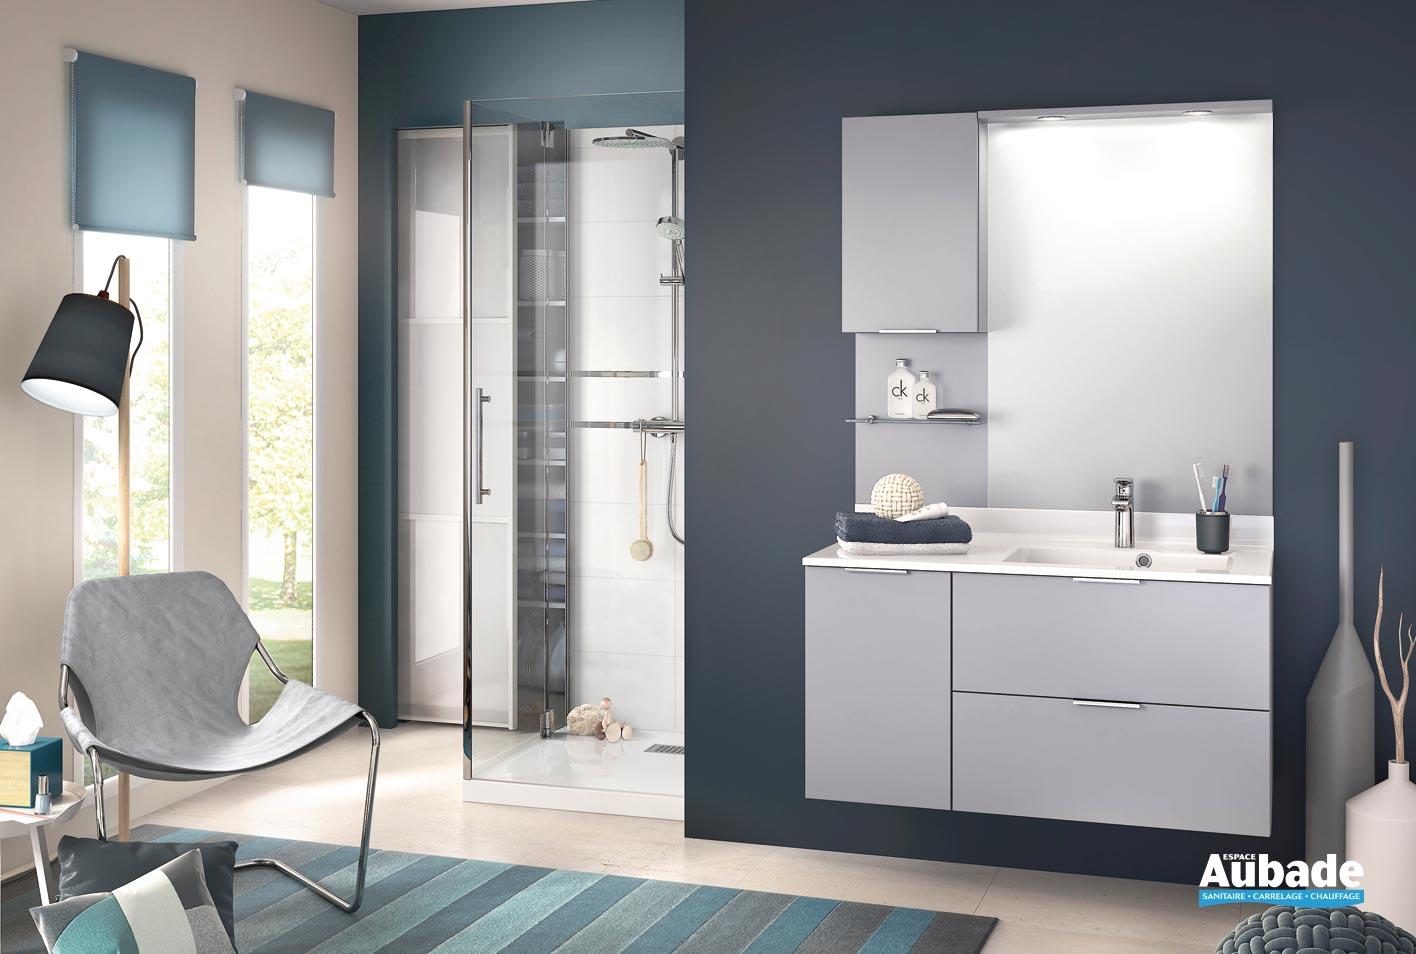 Meuble Haut Salle De Bain Avec Miroir meuble salle de bain delpha evolution e105mmd | espace aubade